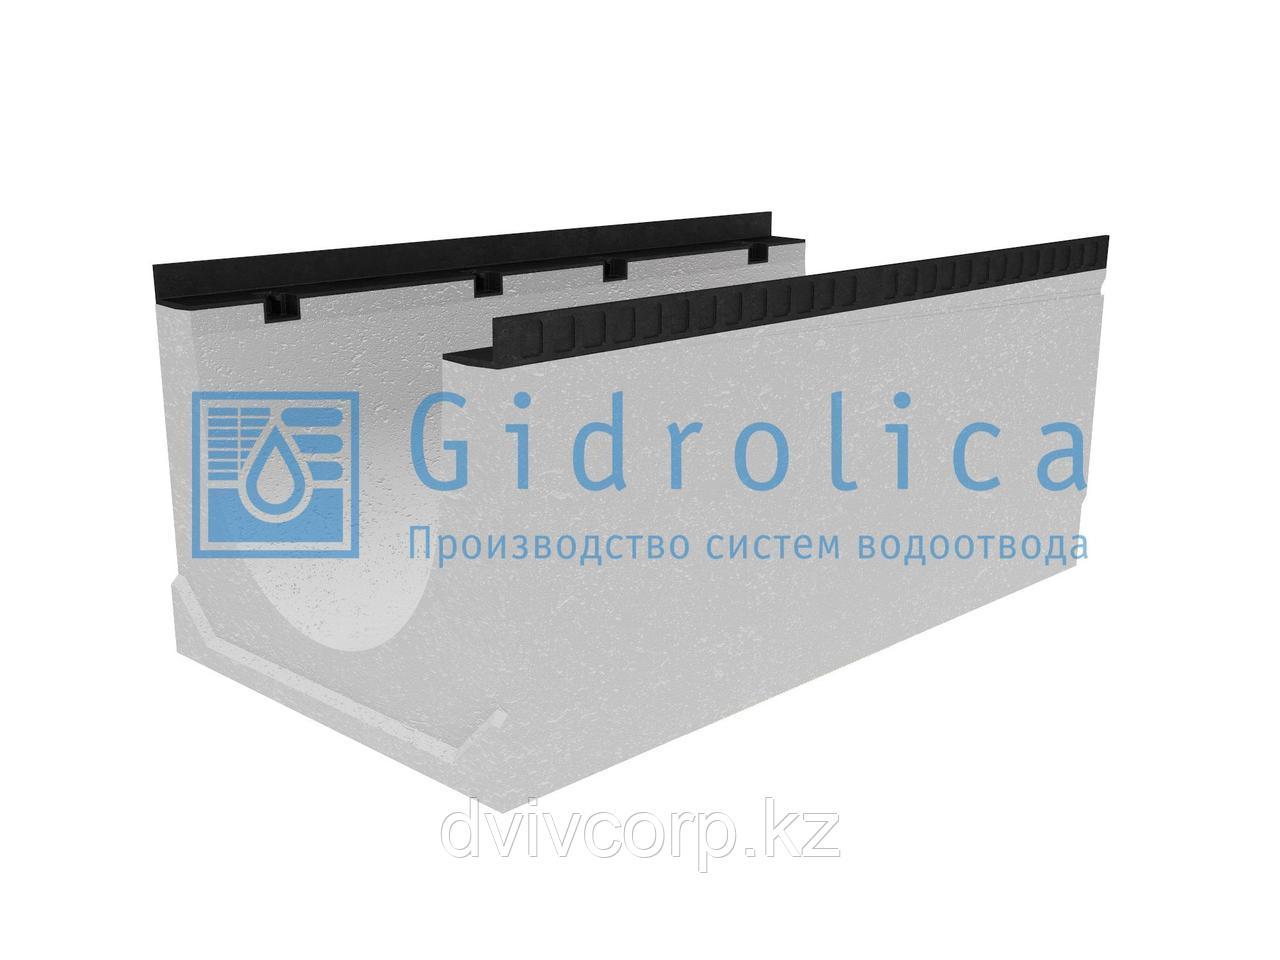 Лоток водоотводный бетонный коробчатый (СО-400мм), с уклоном 0,5% КUу 100.54(40).44(36) - BGМ, № -3